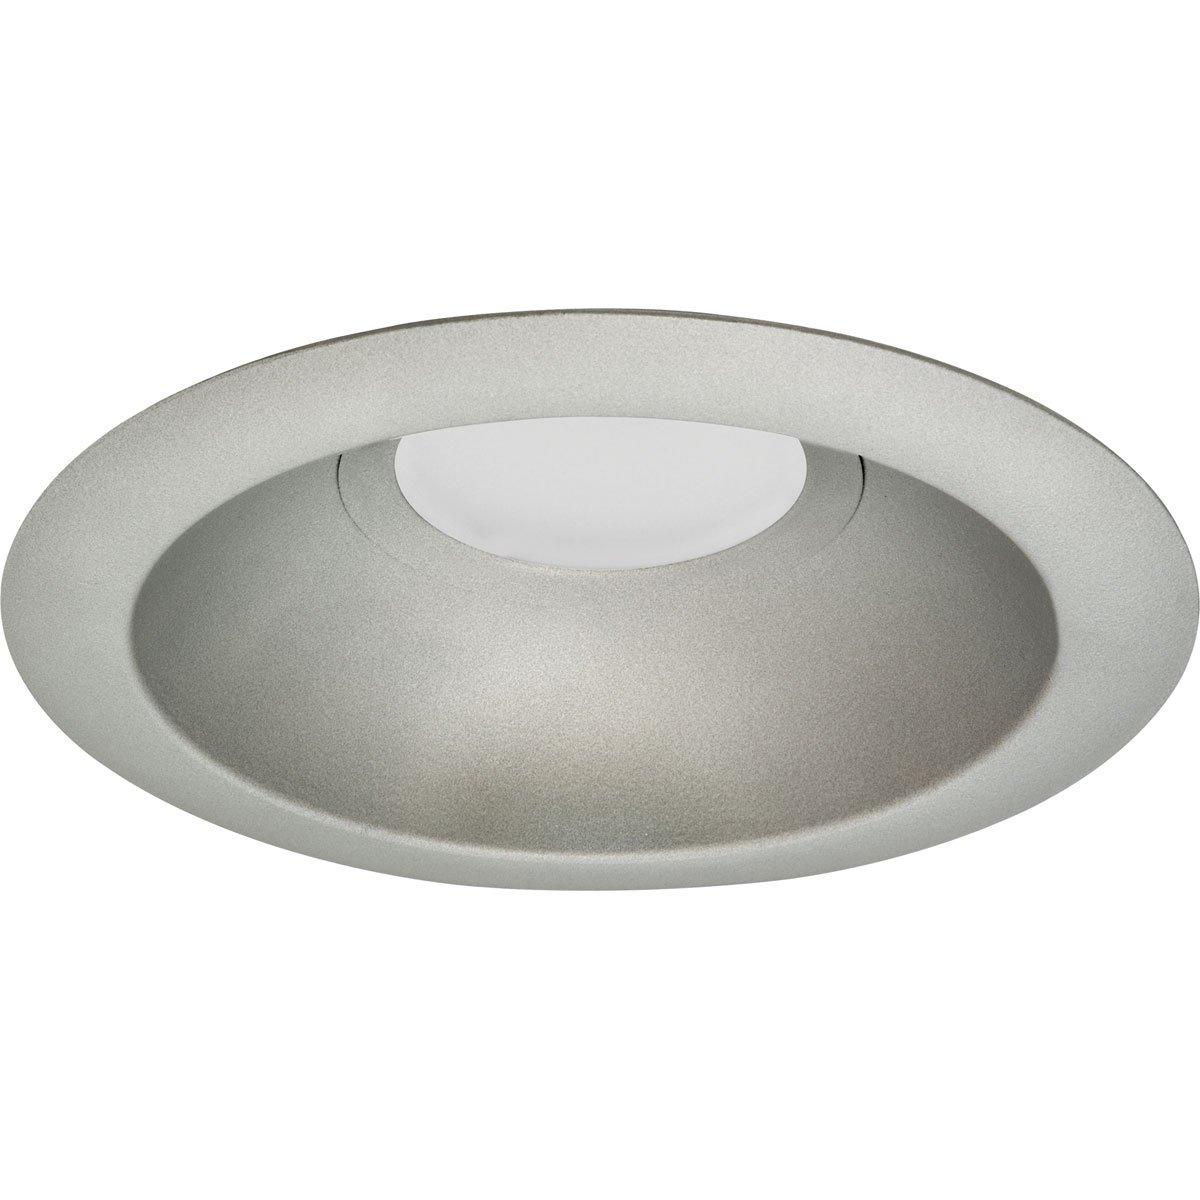 5 Progress Lighting P8061-31//30K9-AC1-L06 LED Trim Black